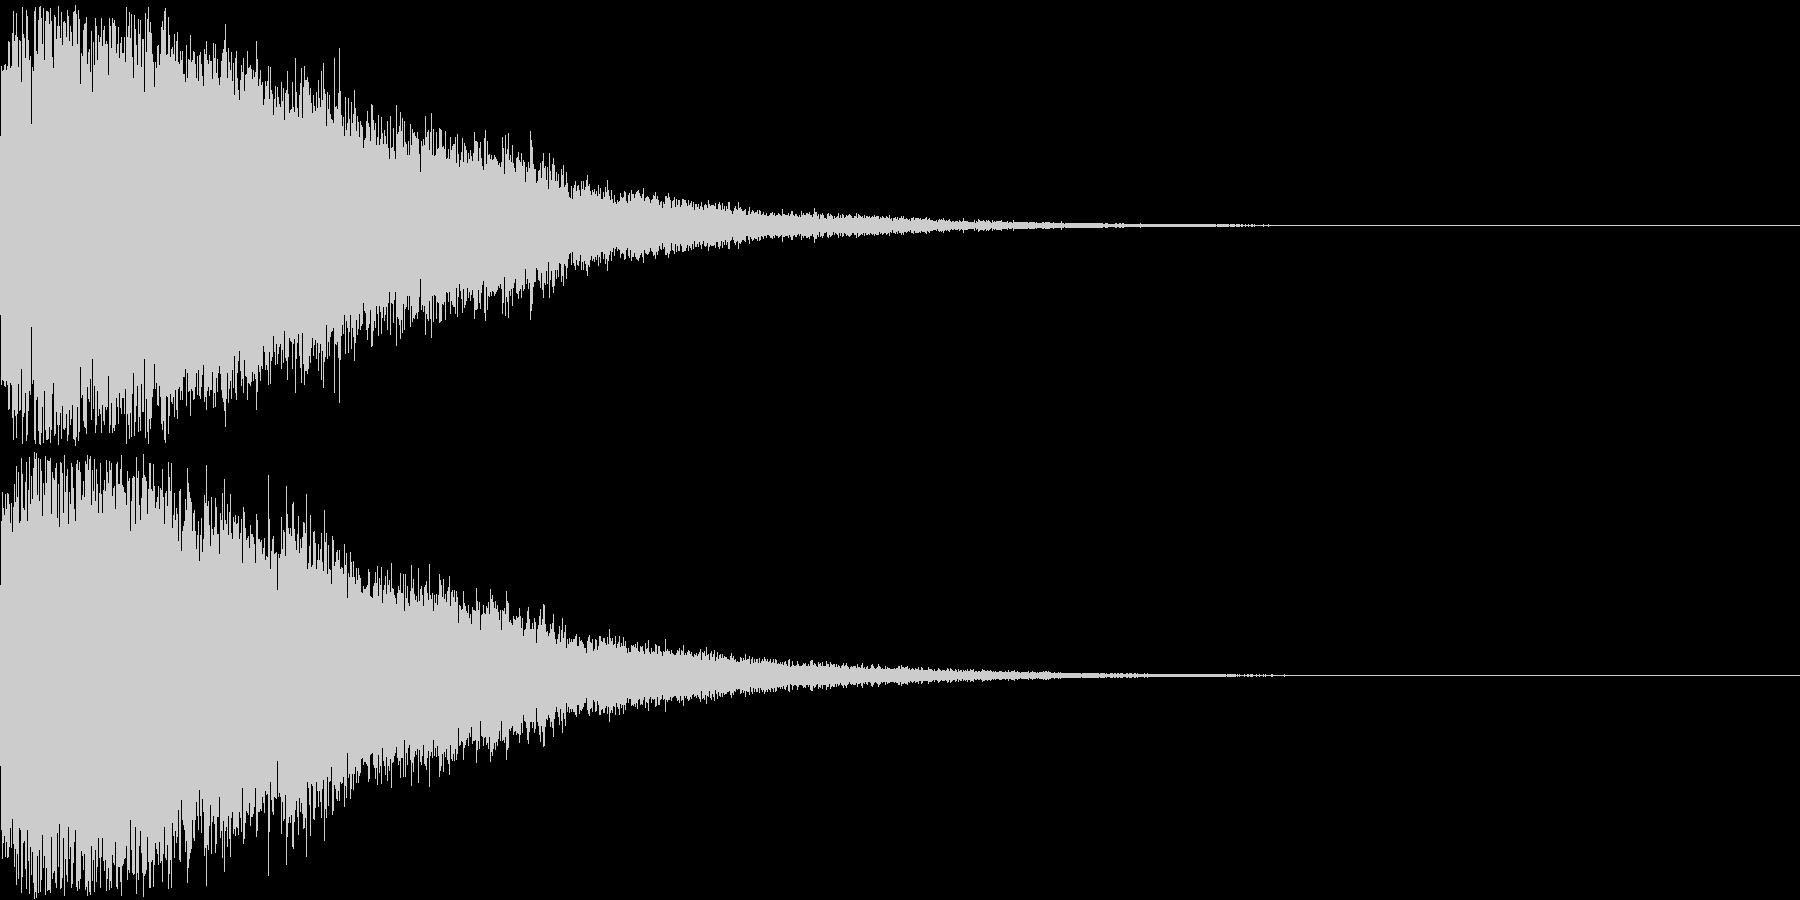 刀 剣 ソード カキーン キュイーン23の未再生の波形